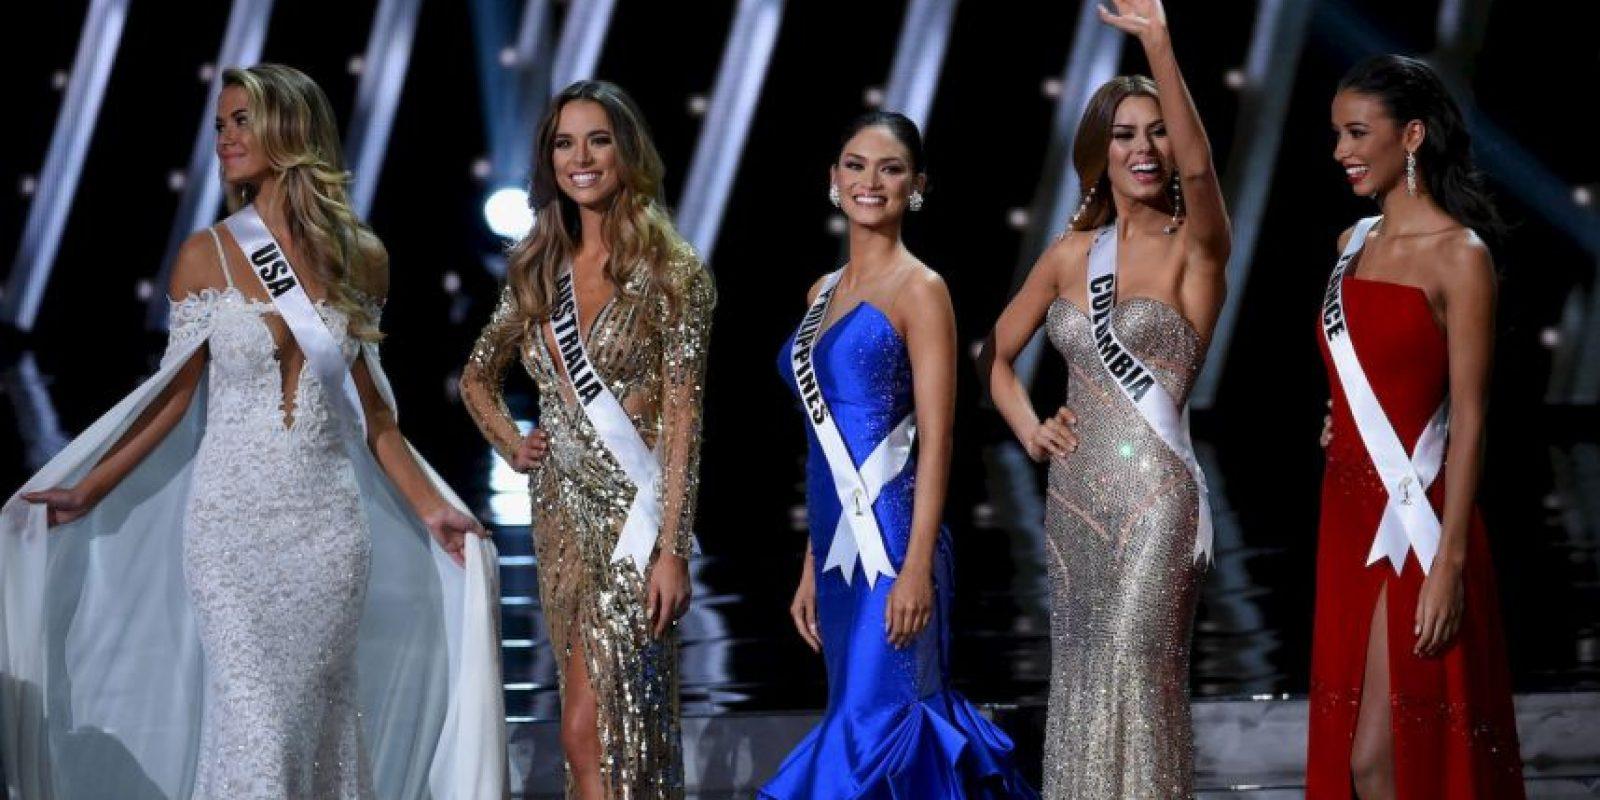 Las instalaciones del Planet Hollywood de Las Vegas fueron las elegidas para la ceremonia del Miss Universo 2015 Foto:Getty Images